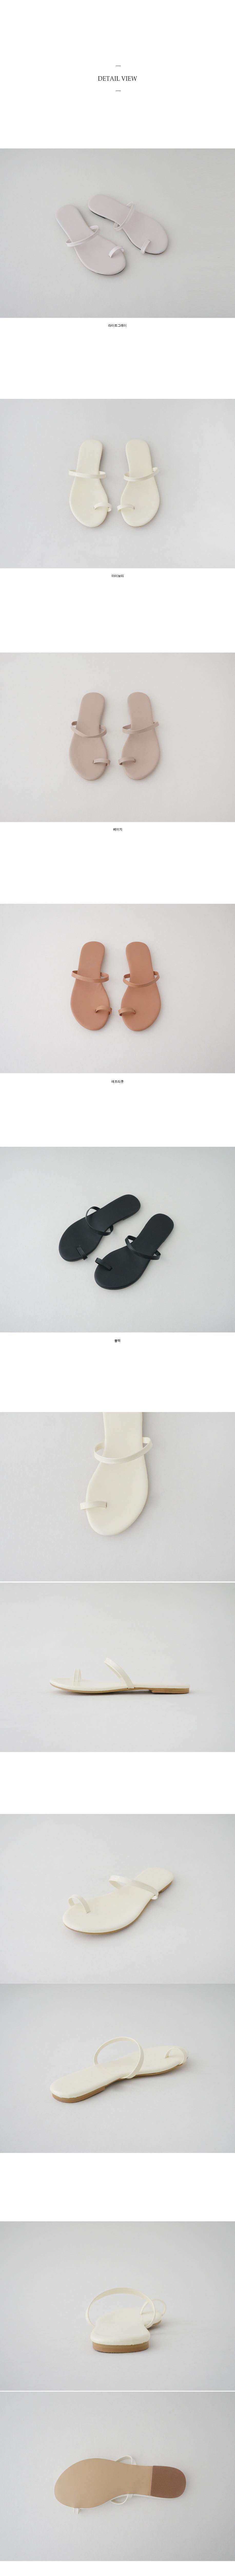 simple line flip flops